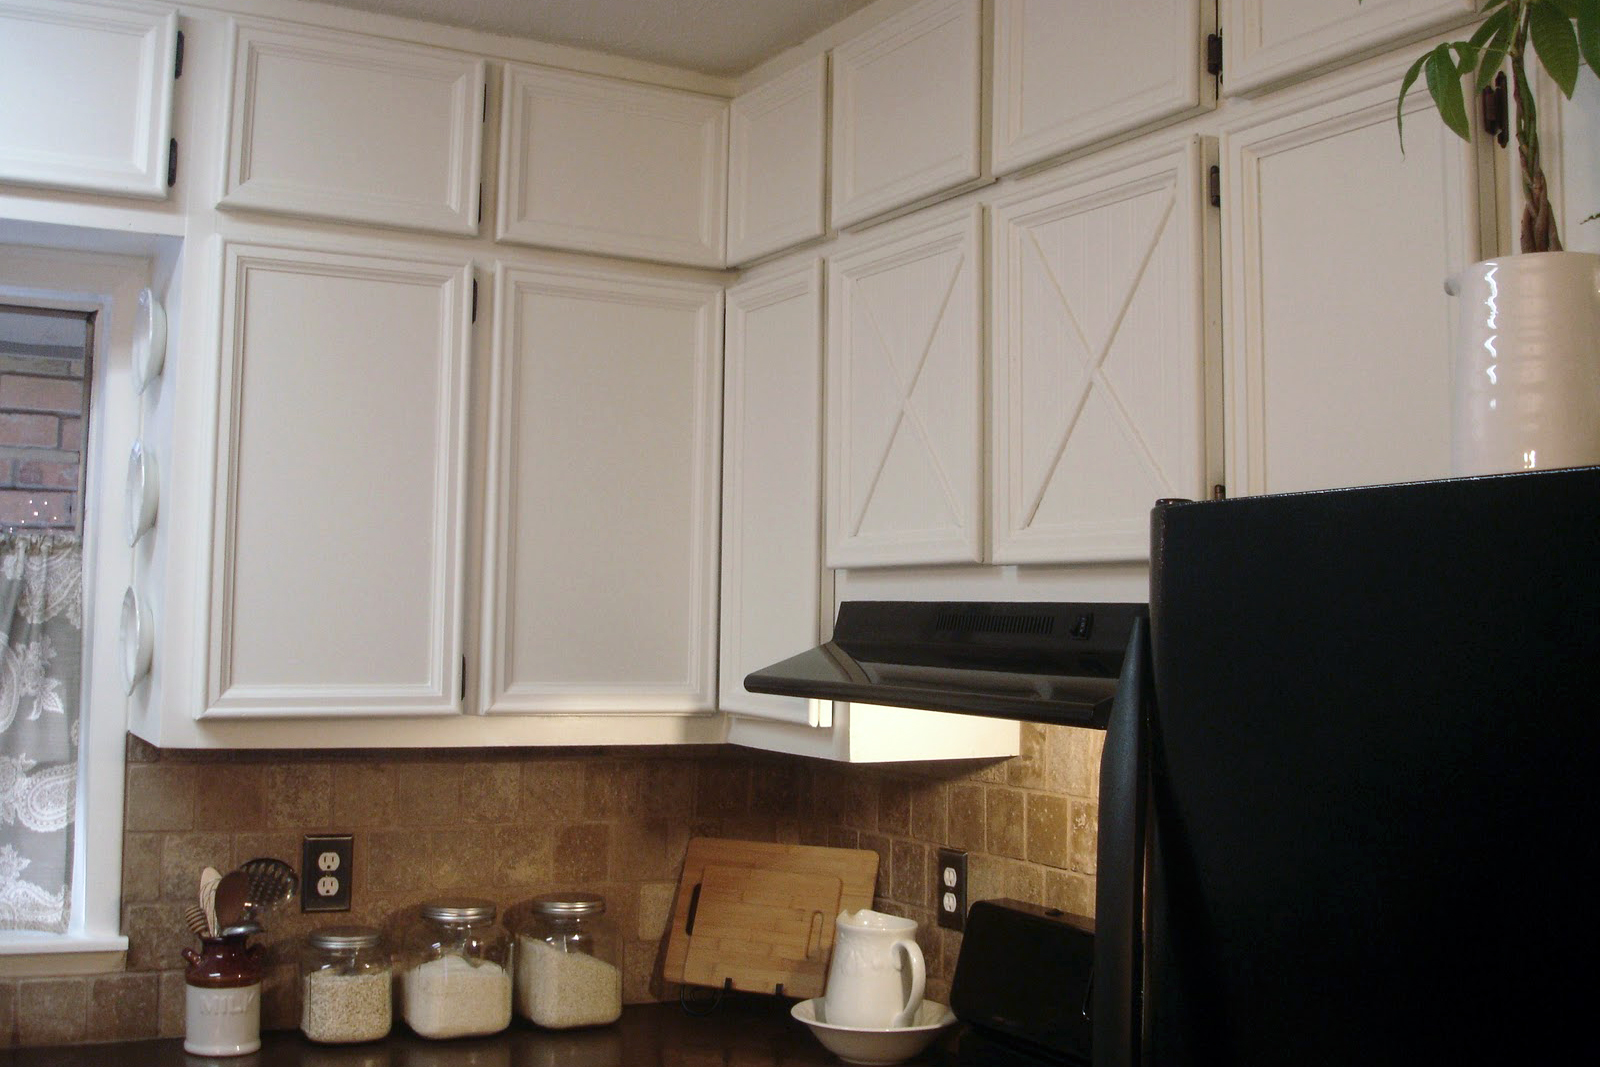 how to update kitchen cabinets kitchen cabinet updates